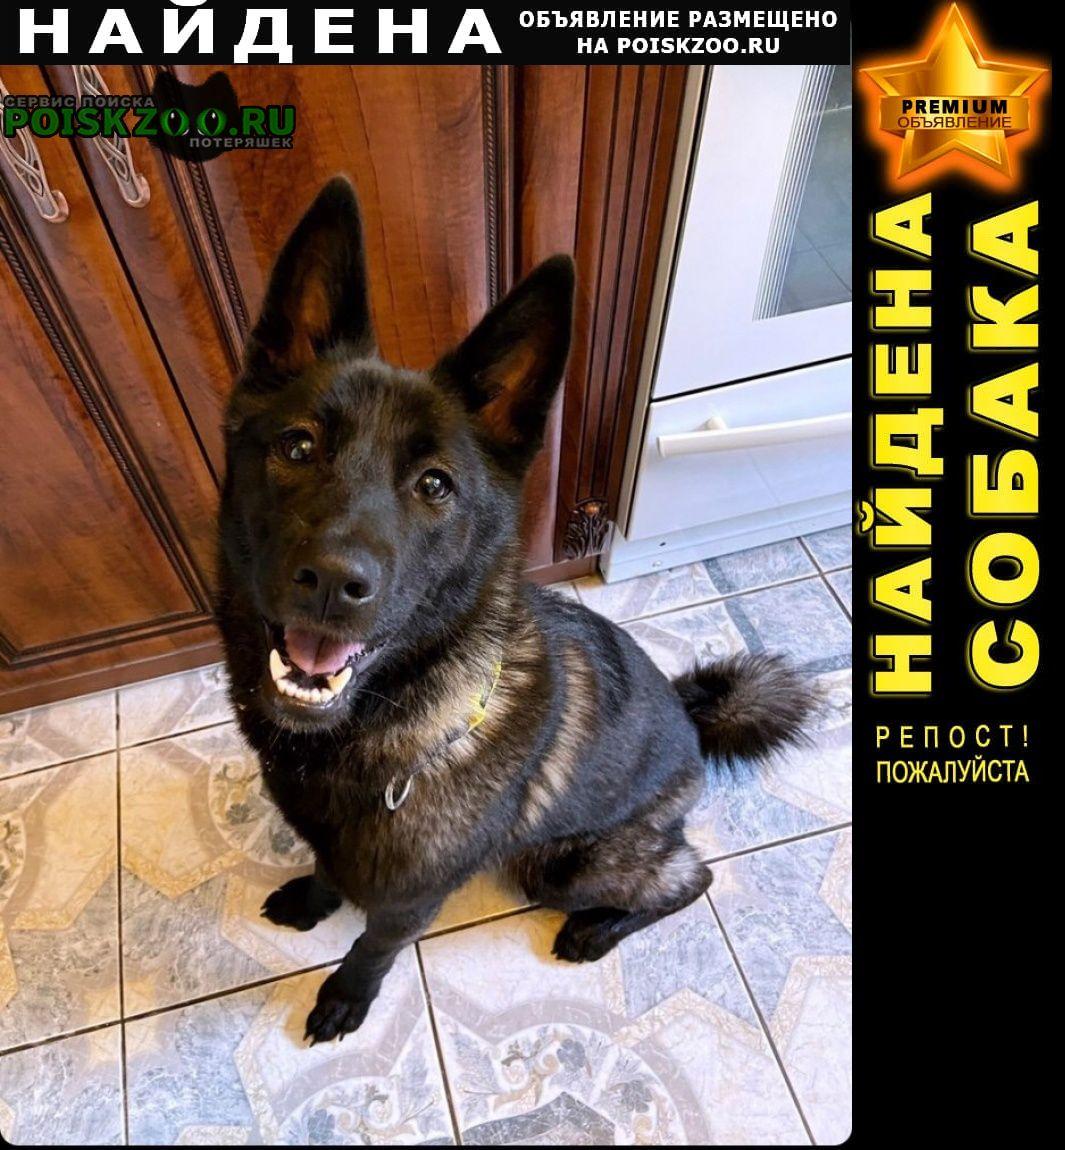 Найдена собака чёрная, метис лайки Москва